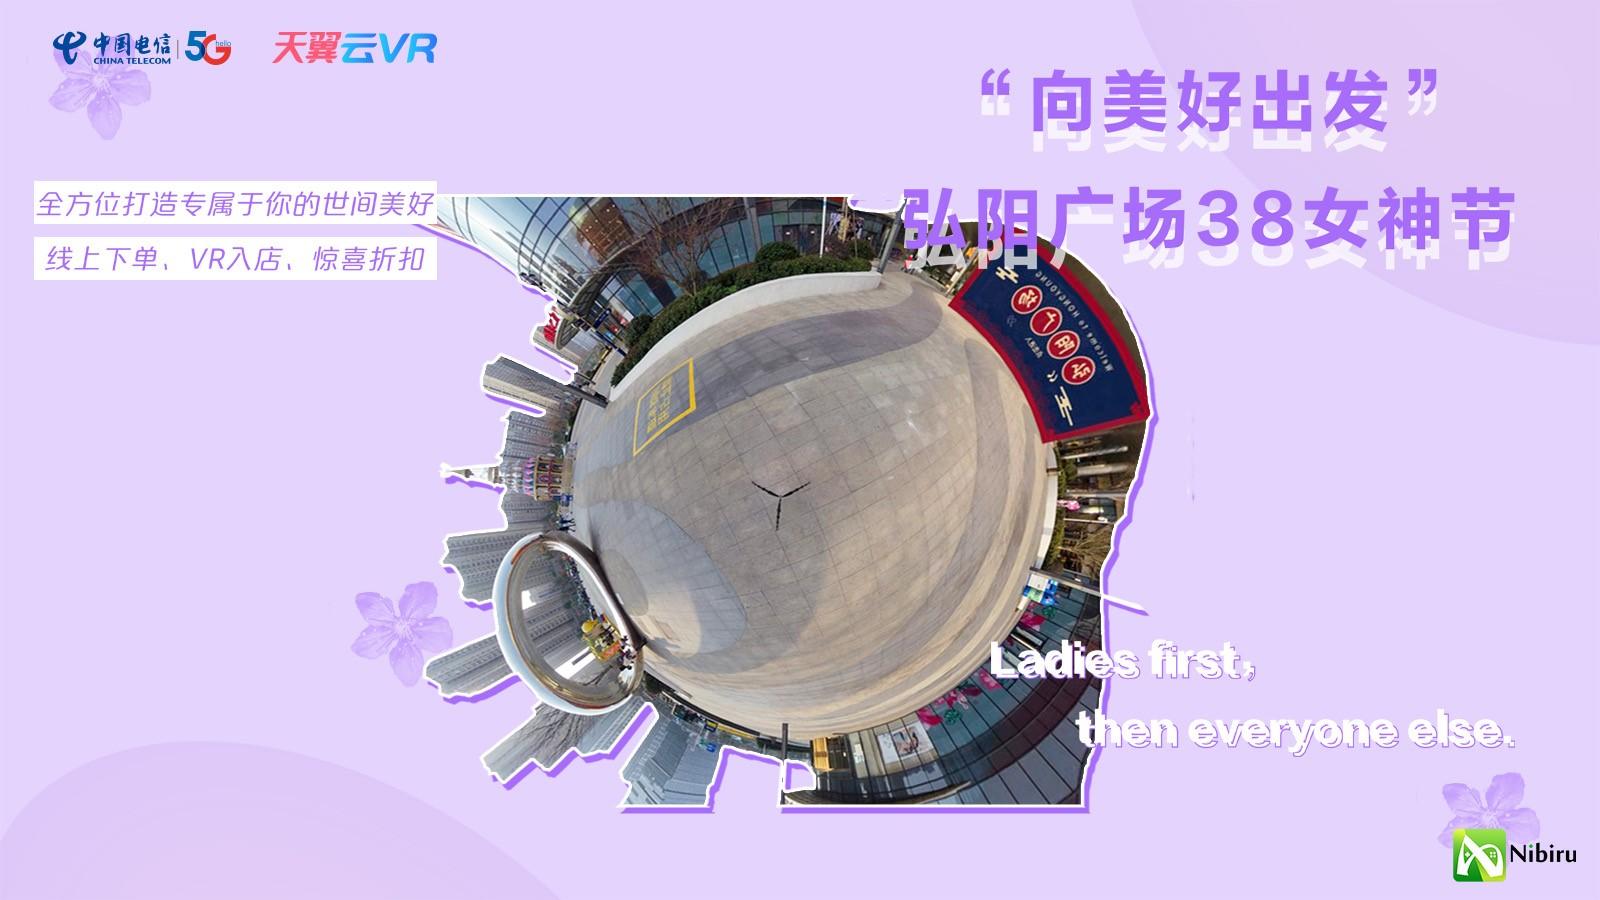 """女神节开启VR在线虚拟购物,天翼云VR联合睿悦发布""""万店计划"""""""